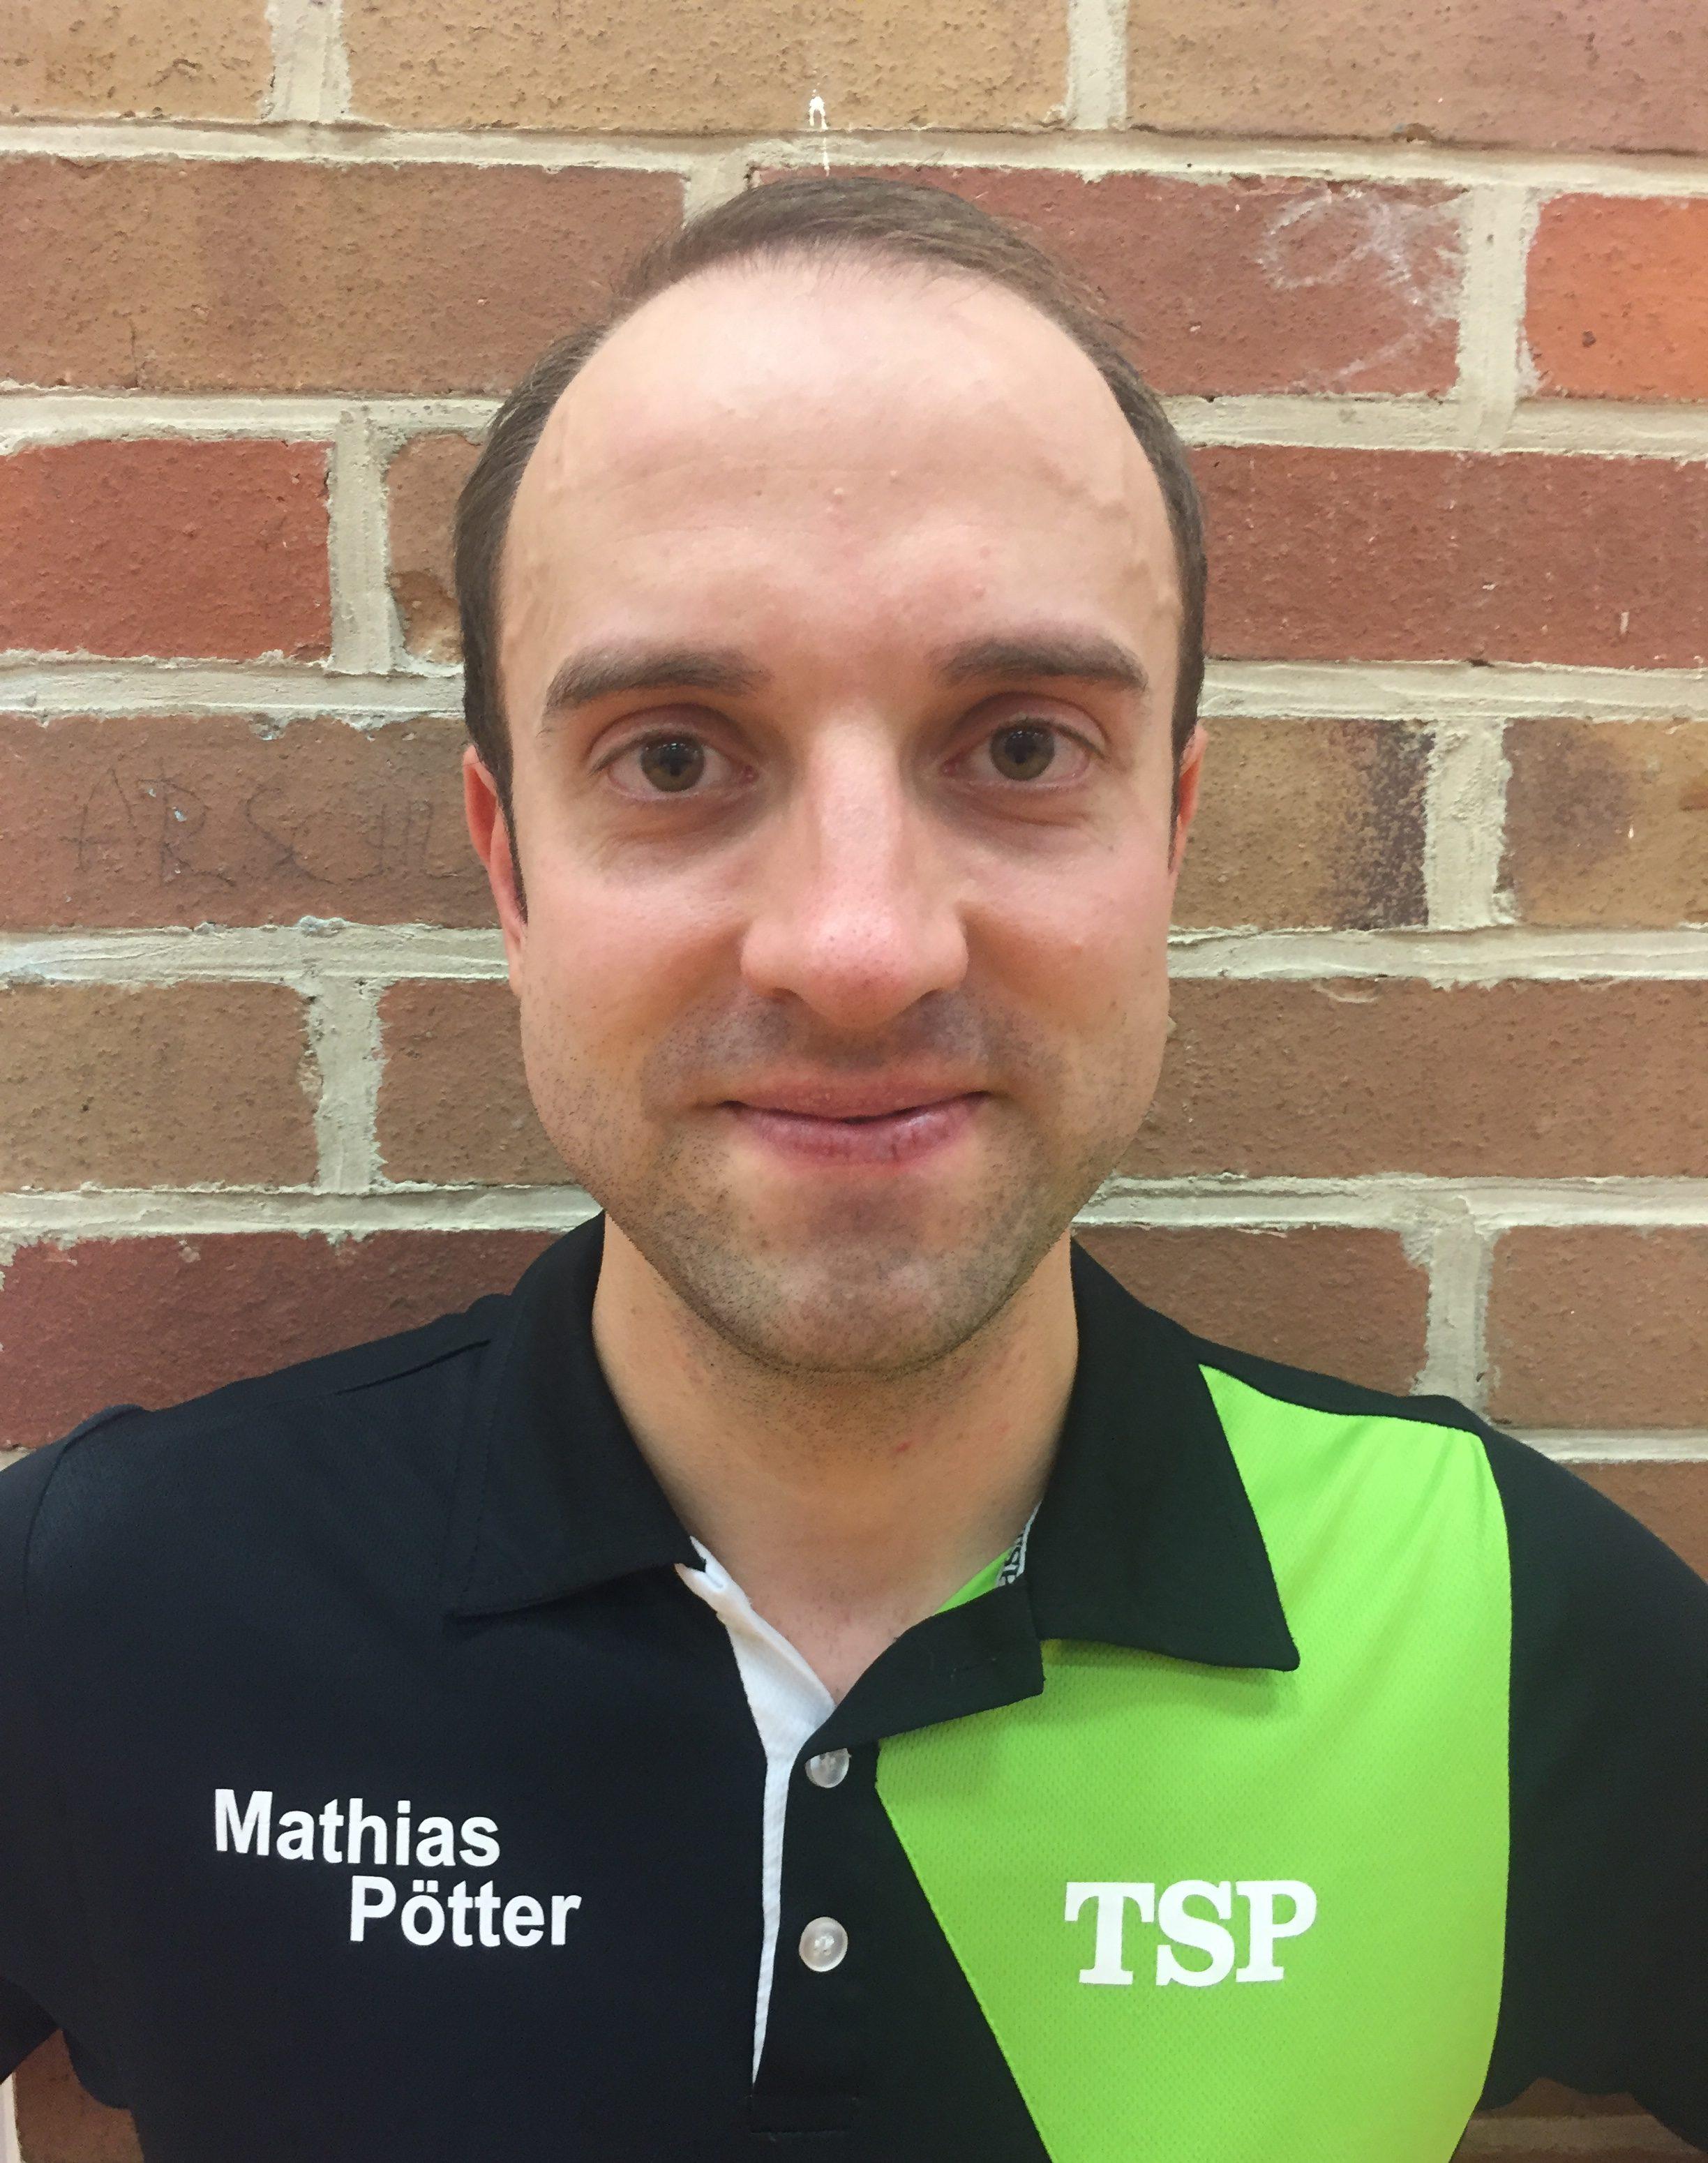 Mathias Pötter